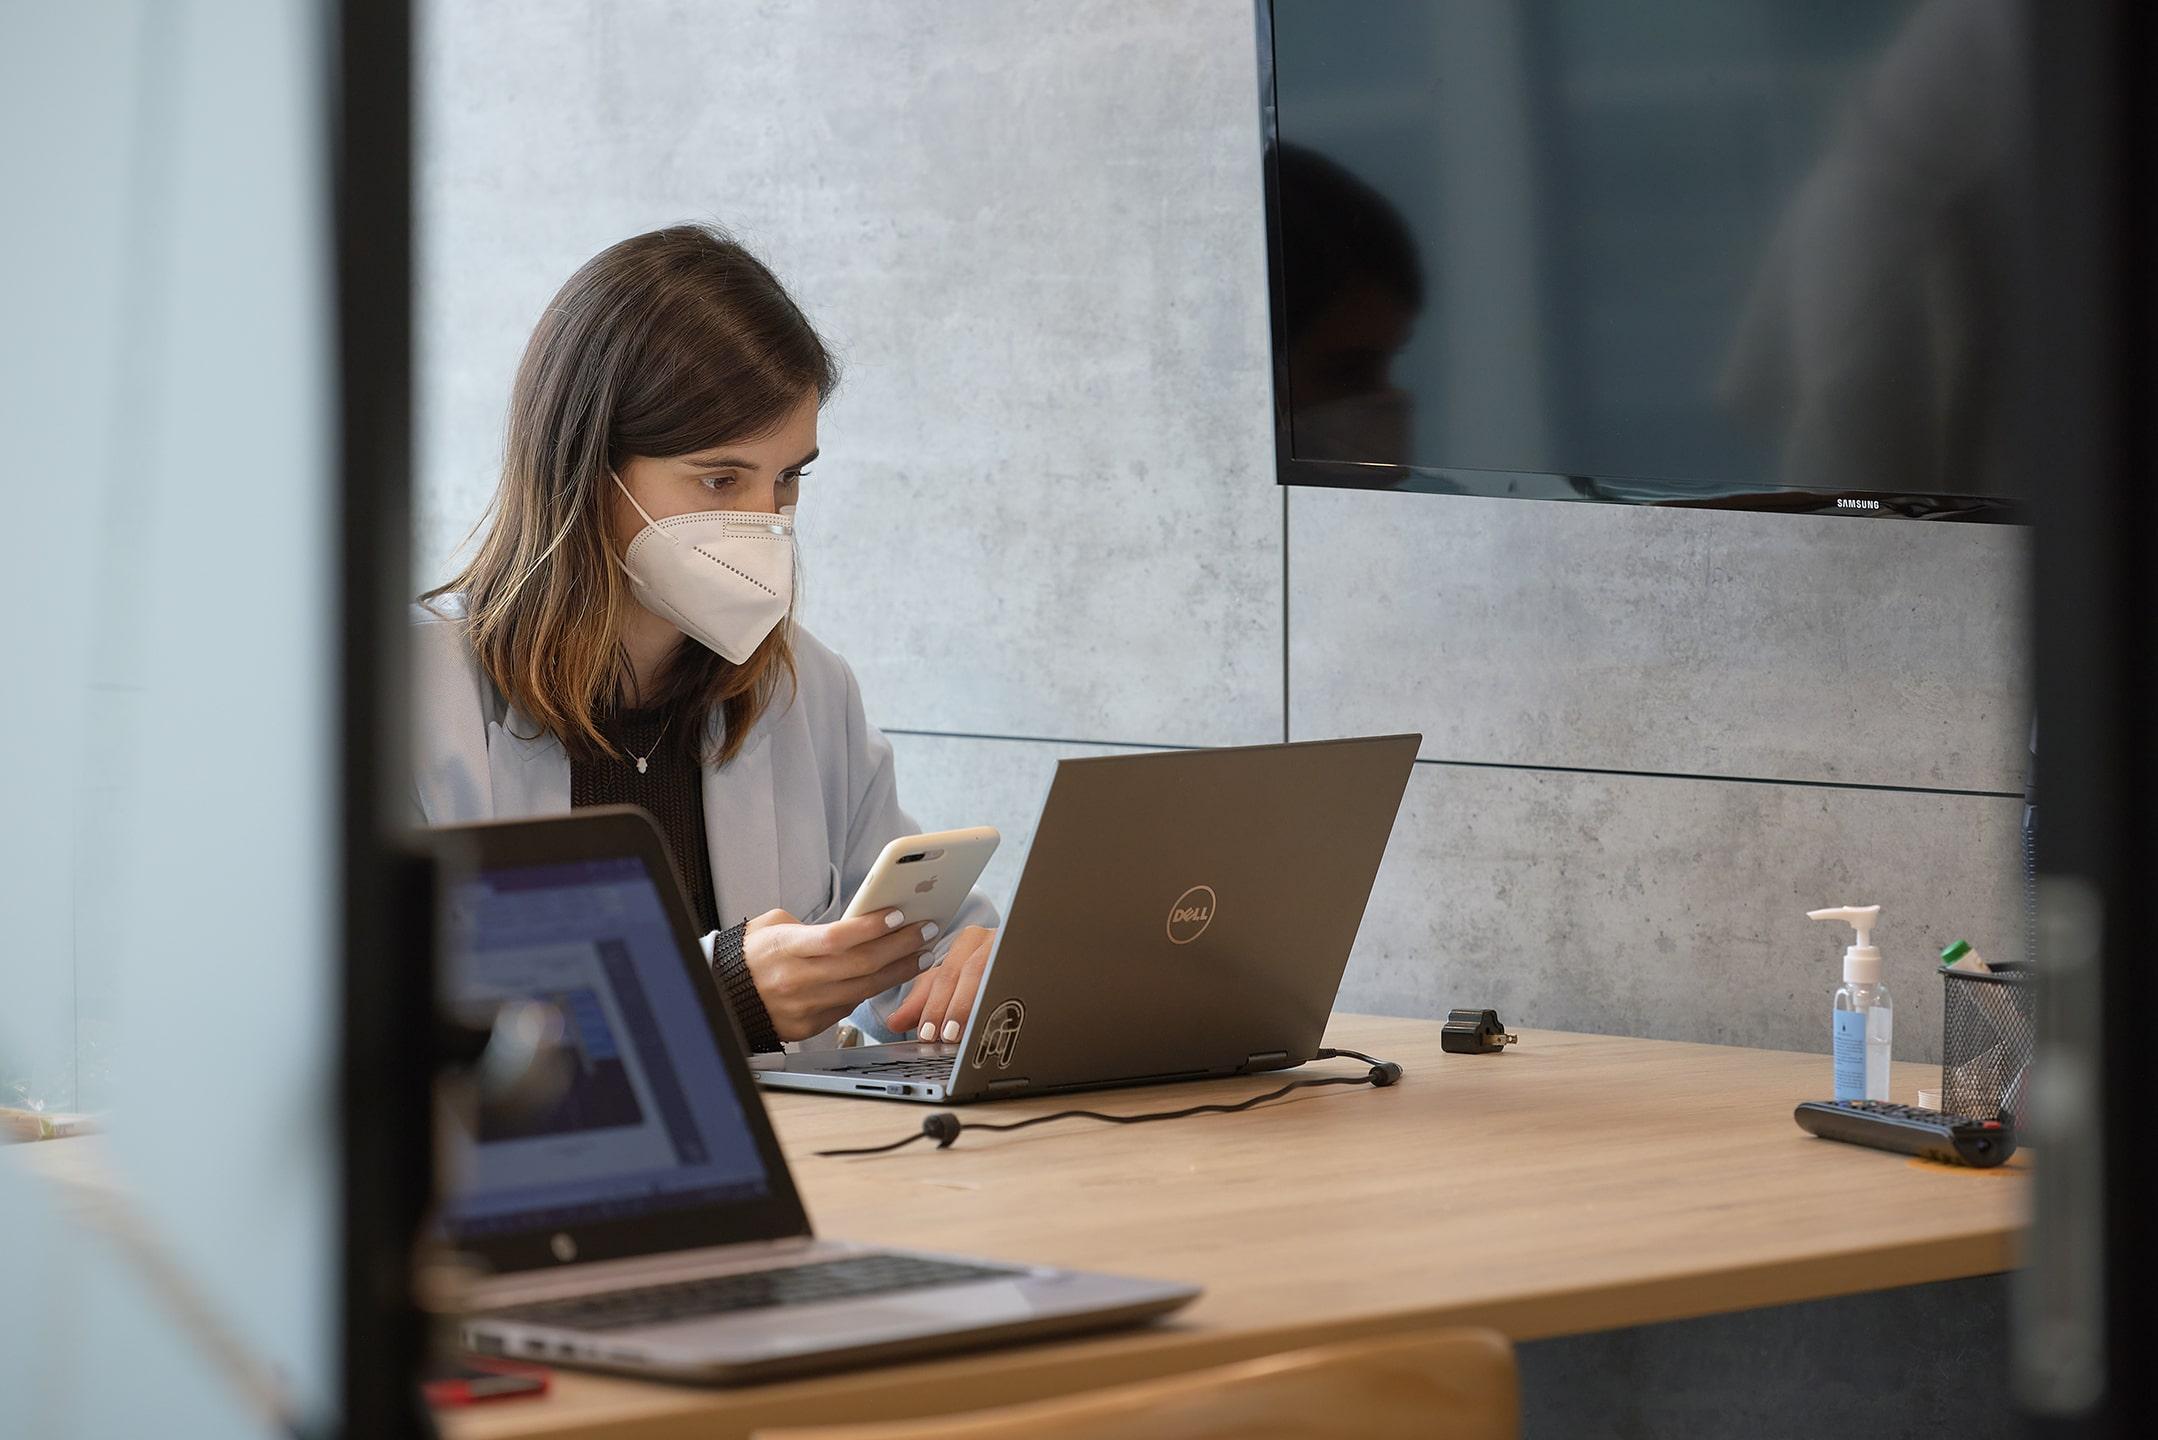 mujer trabajando en una oficina satelite